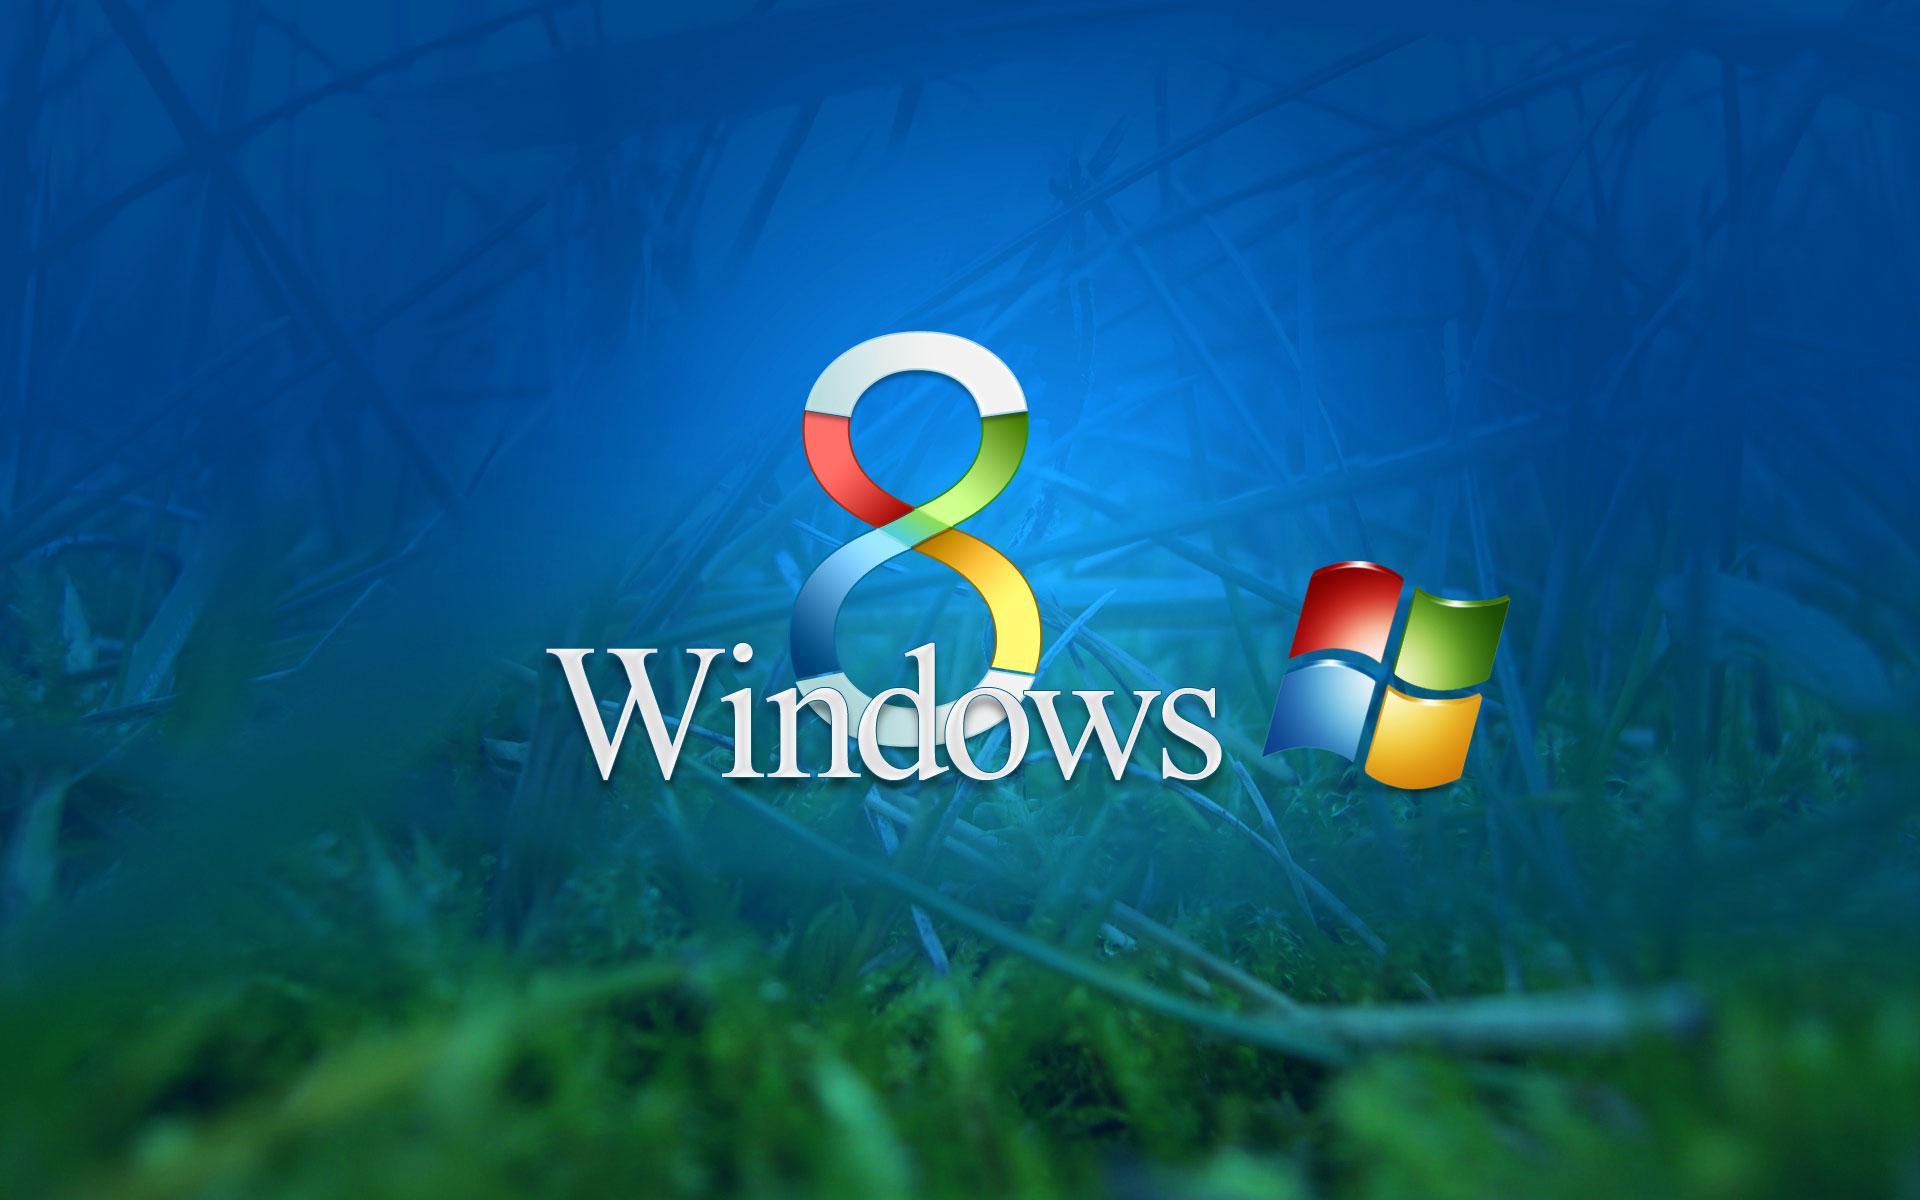 با کلید های مخفی ویندوز 8 آشنا شوید!